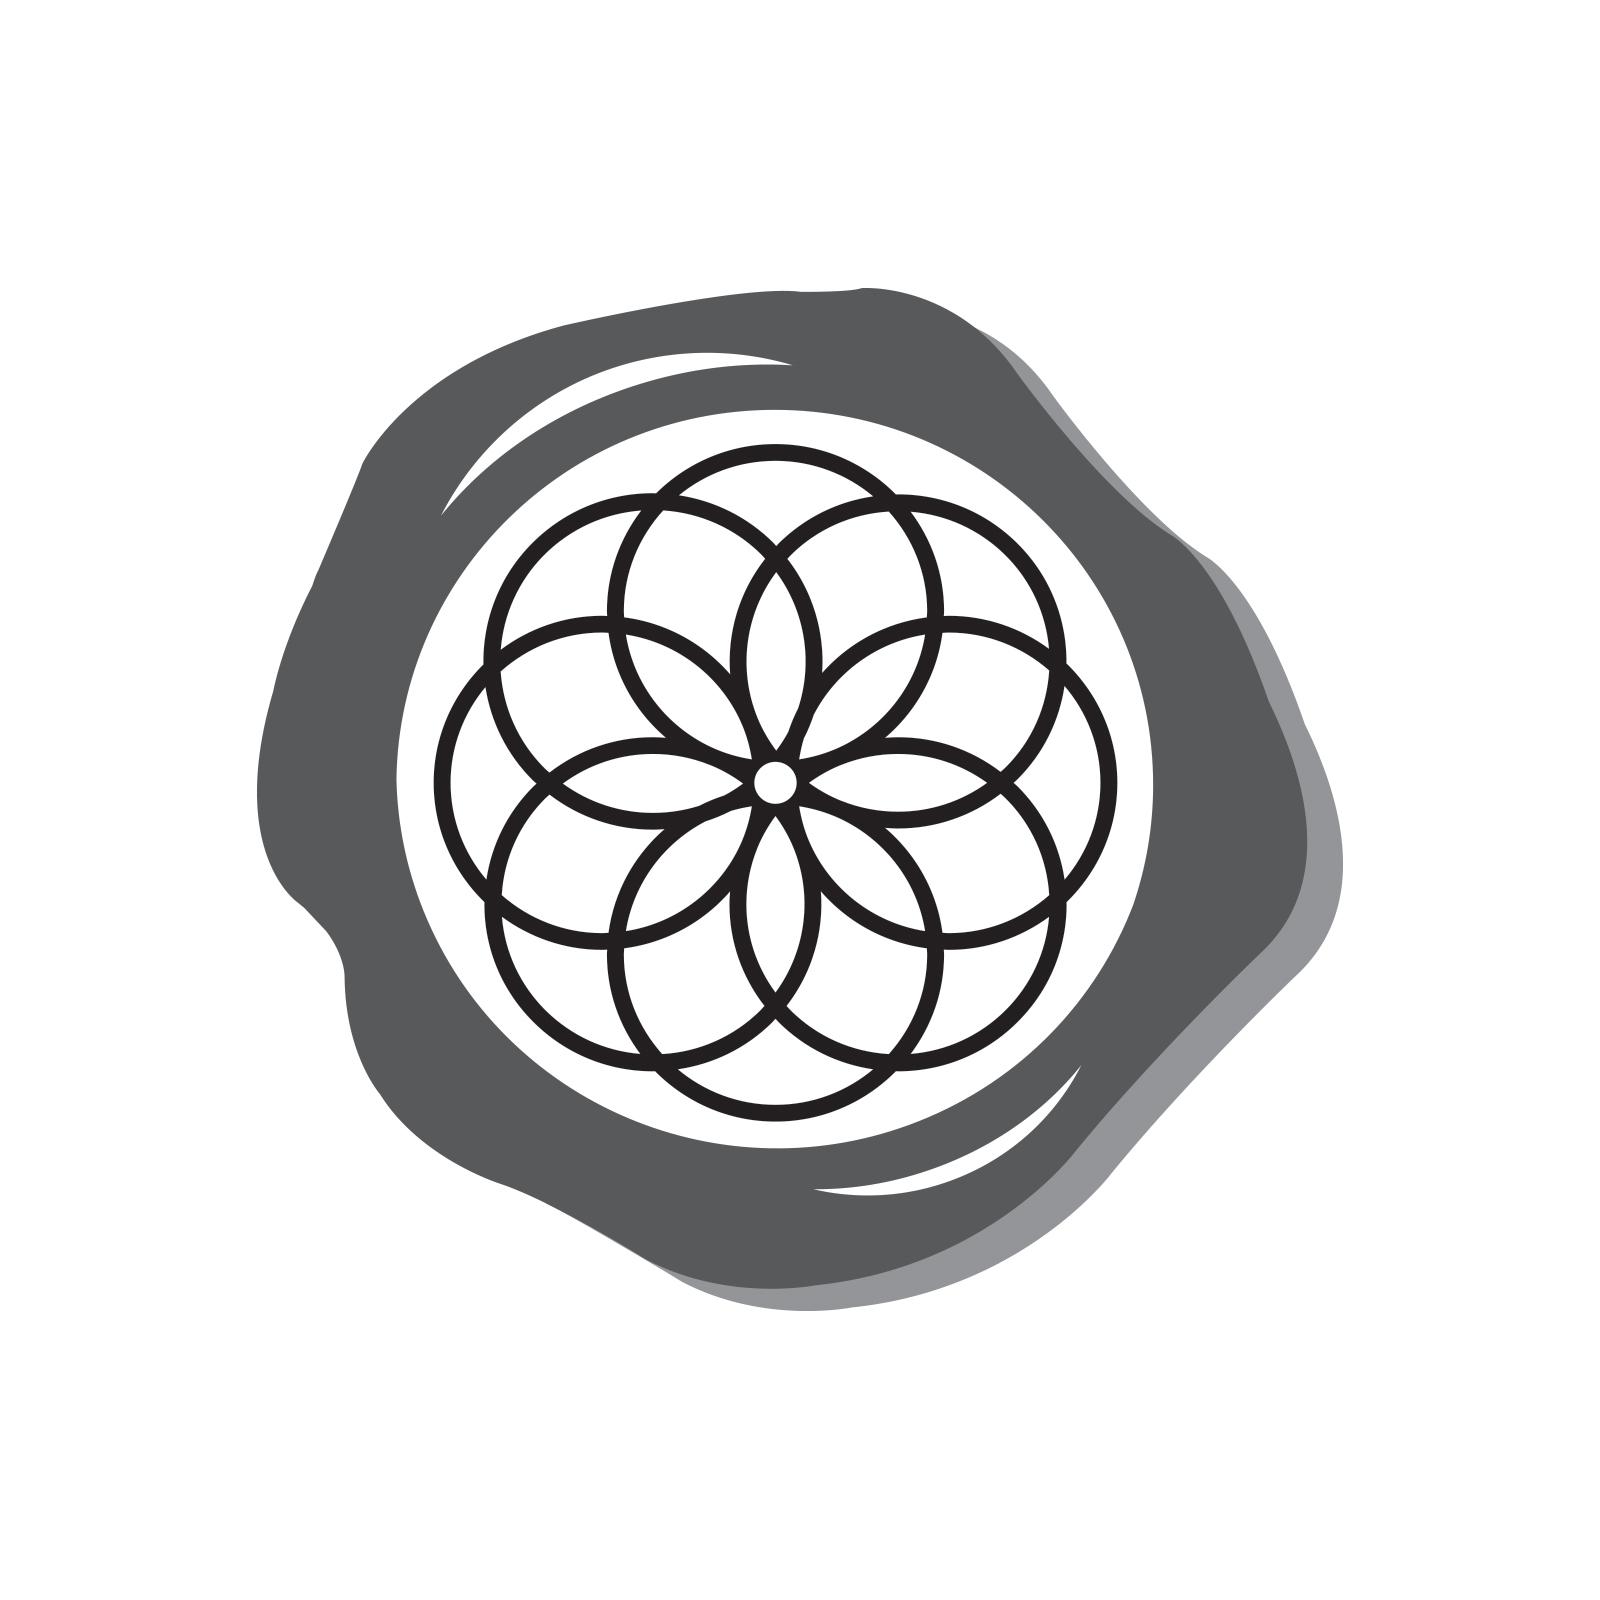 ALUMA-rosette-engraving.jpg